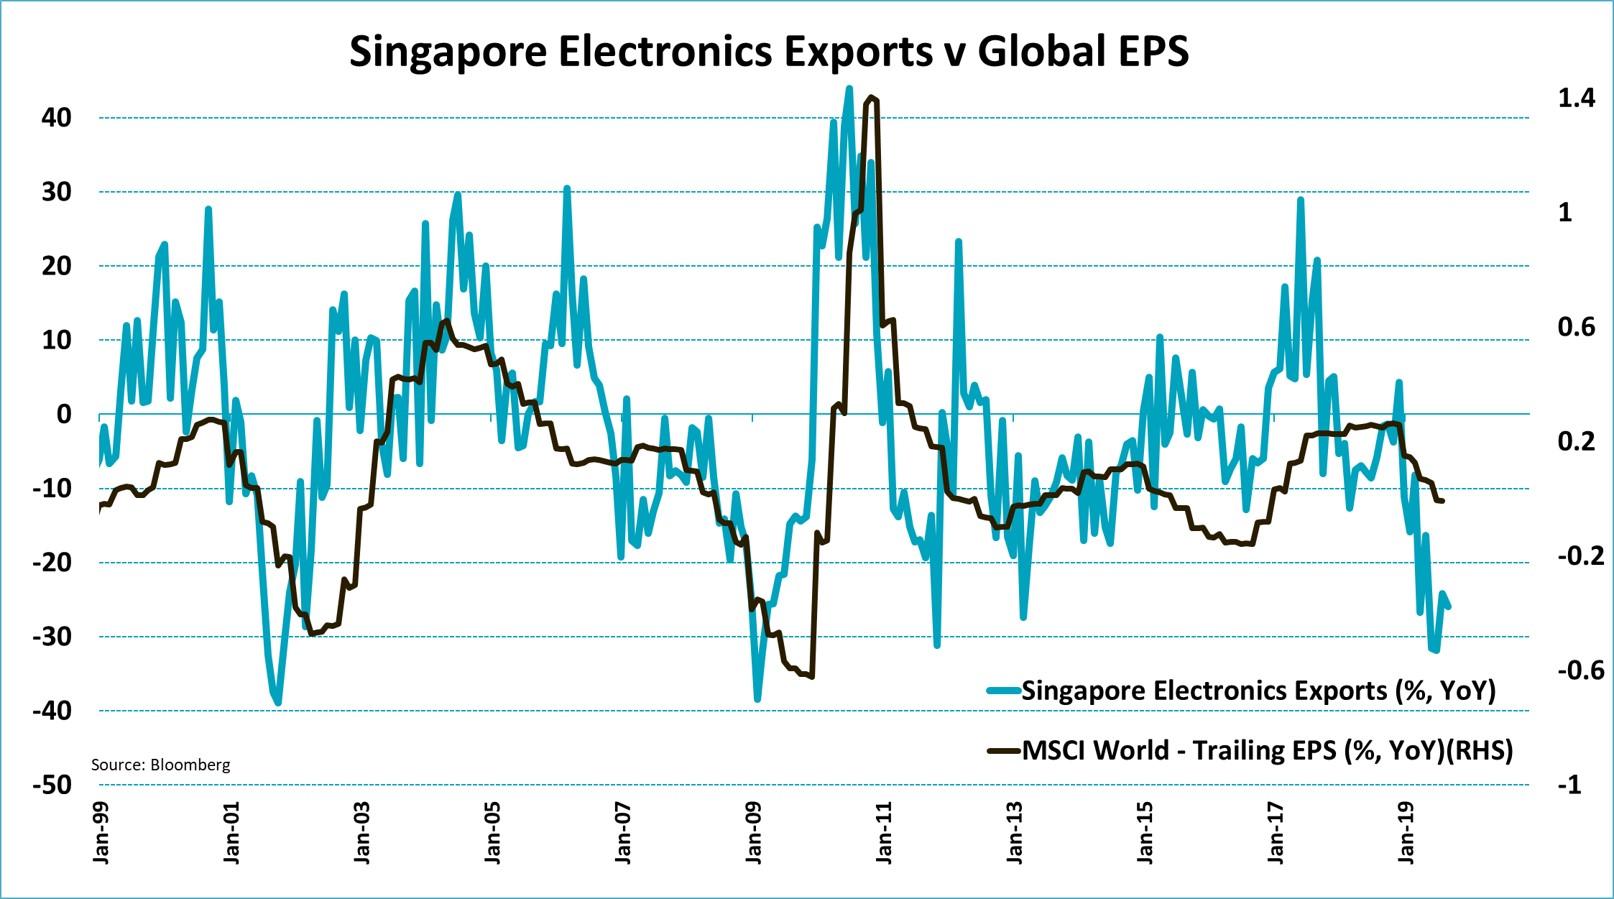 Singapore Electronics Exports v Global EPS